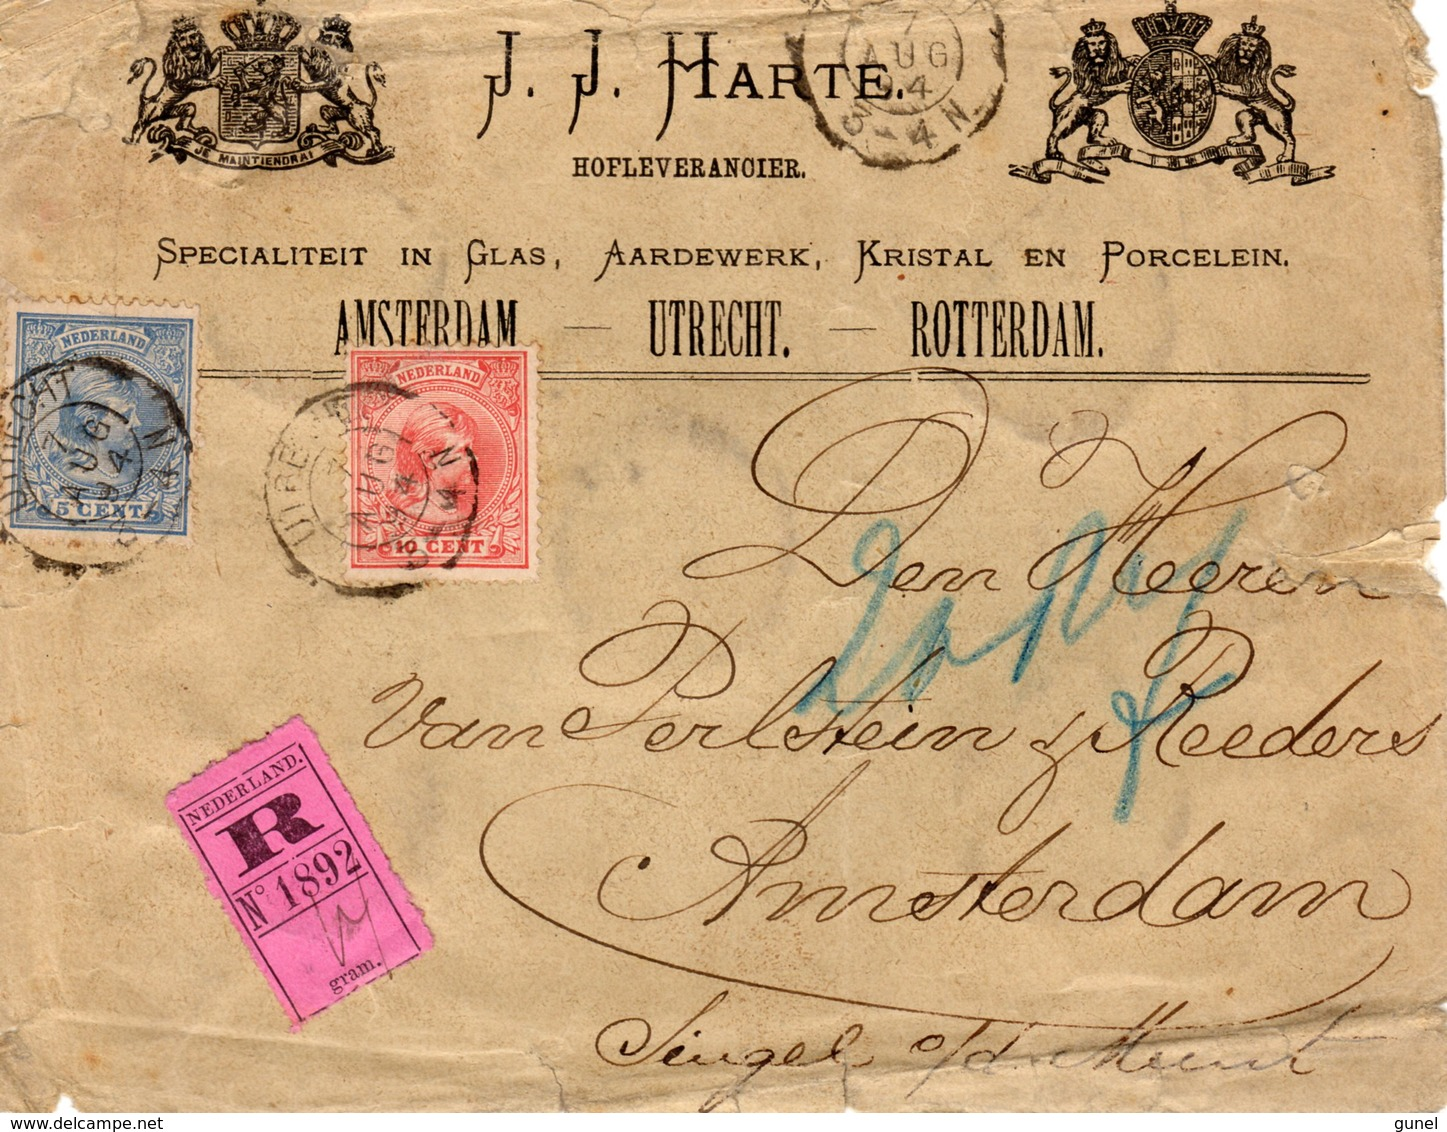 7 AUG 94 Aangetekende Envelop Met Firmalogo  Van Utrecht Naar Amsterdam Met NVPH 35 En 37 - Periode 1891-1948 (Wilhelmina)